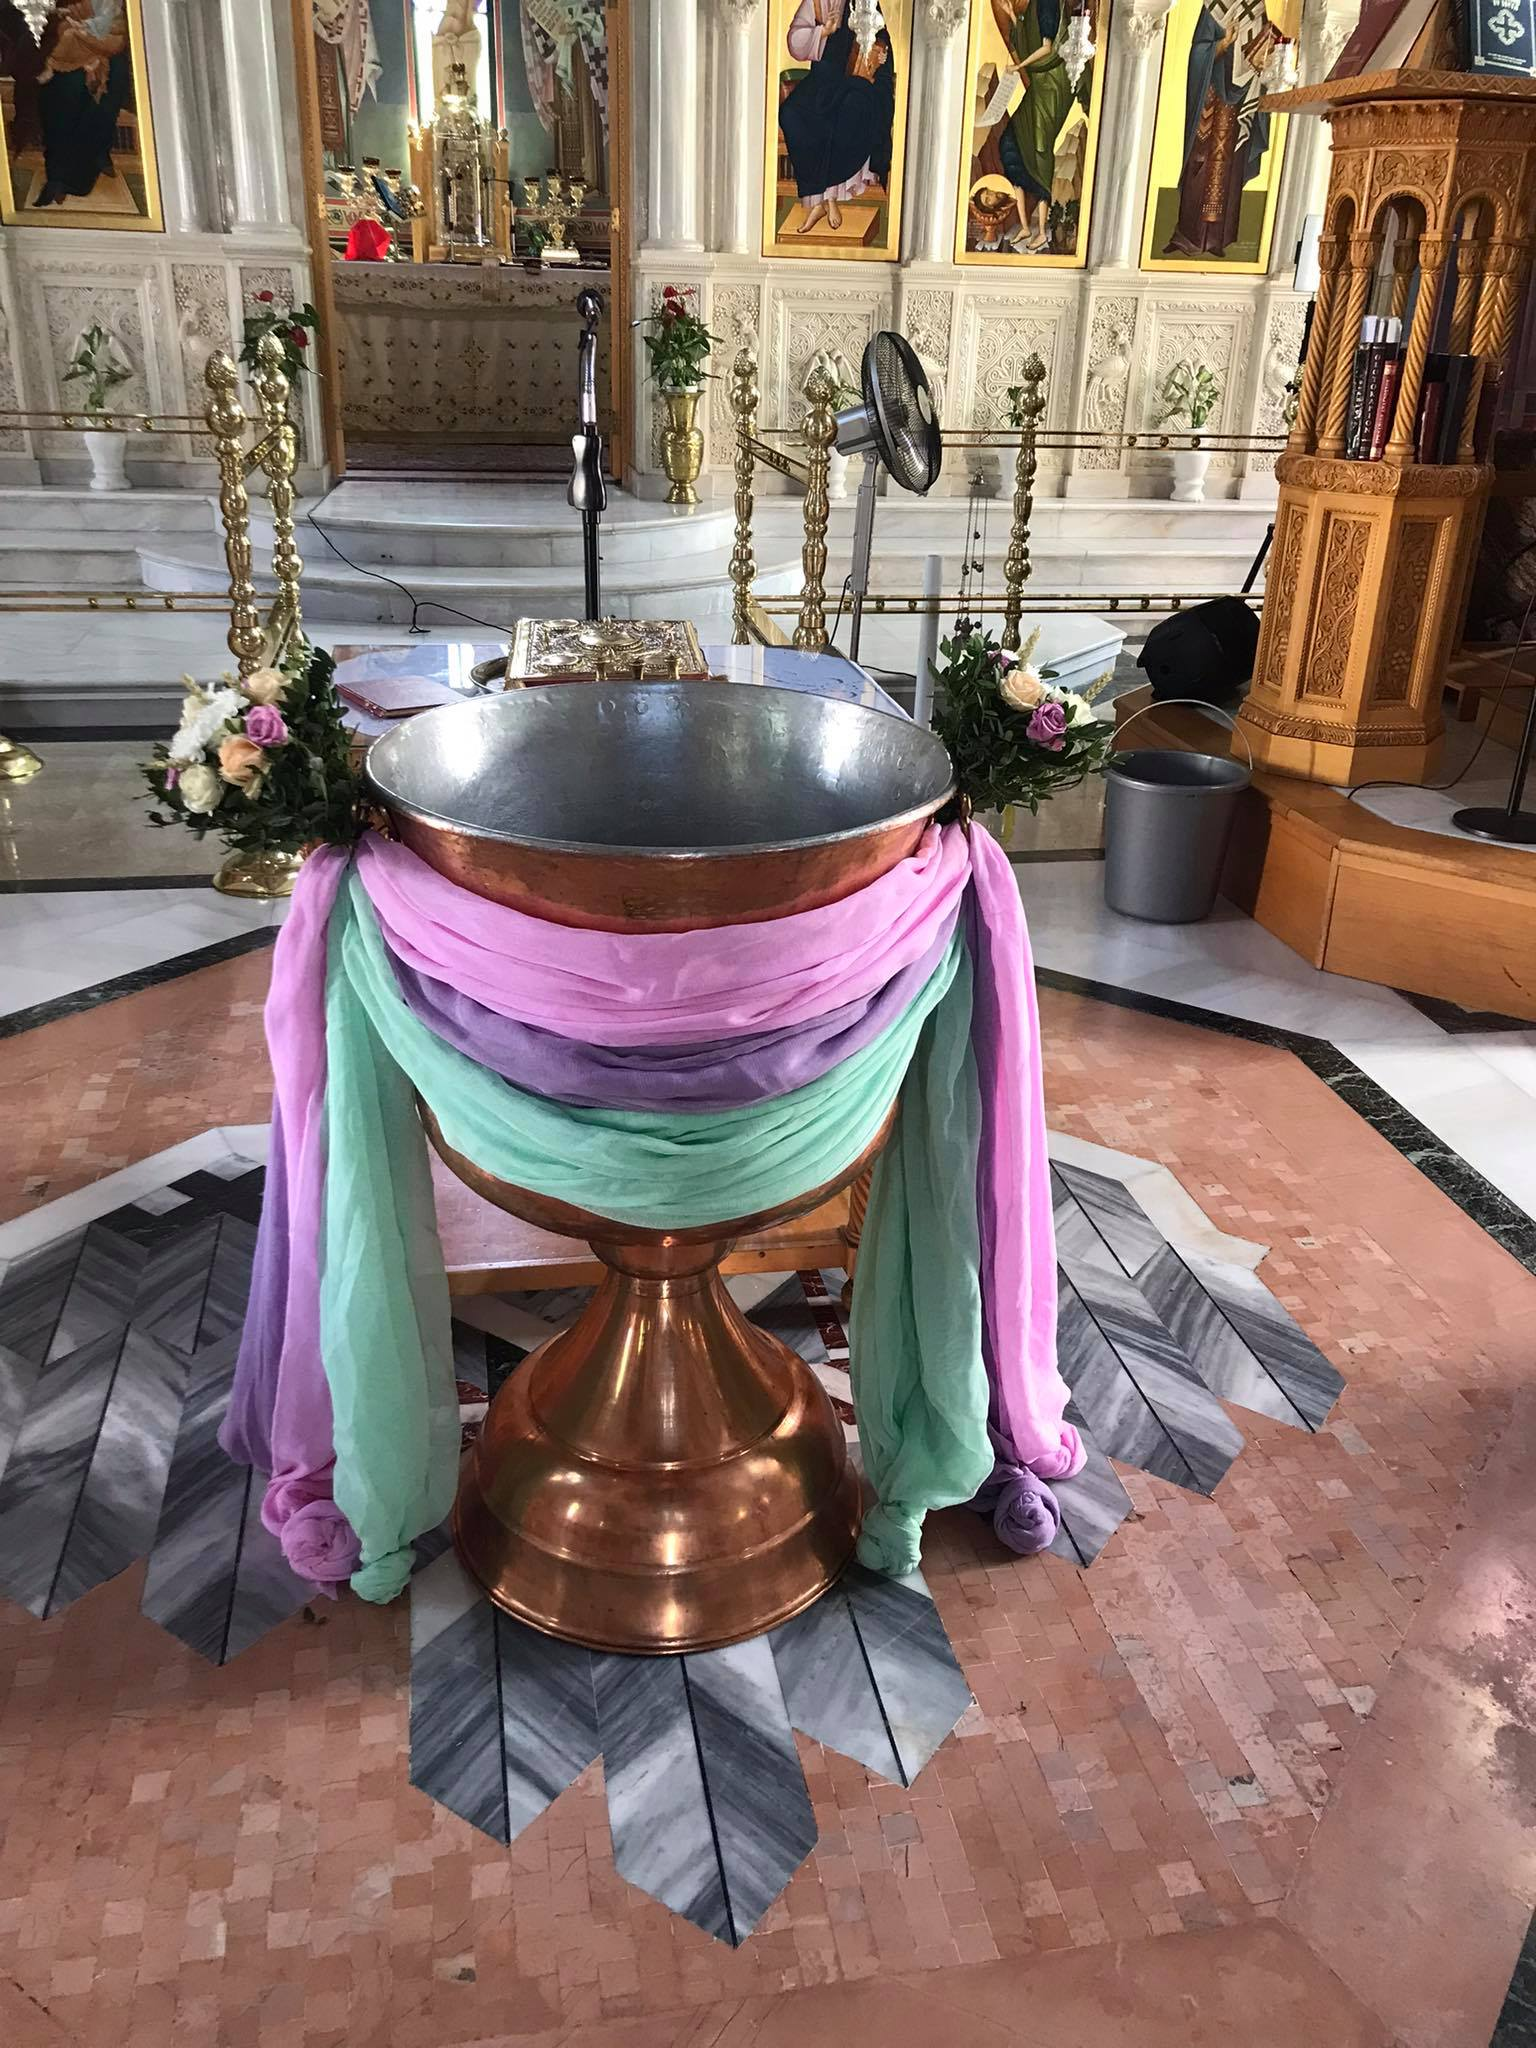 Διακόσμηση βάπτισης με θέμα ουρά γοργόνας 30